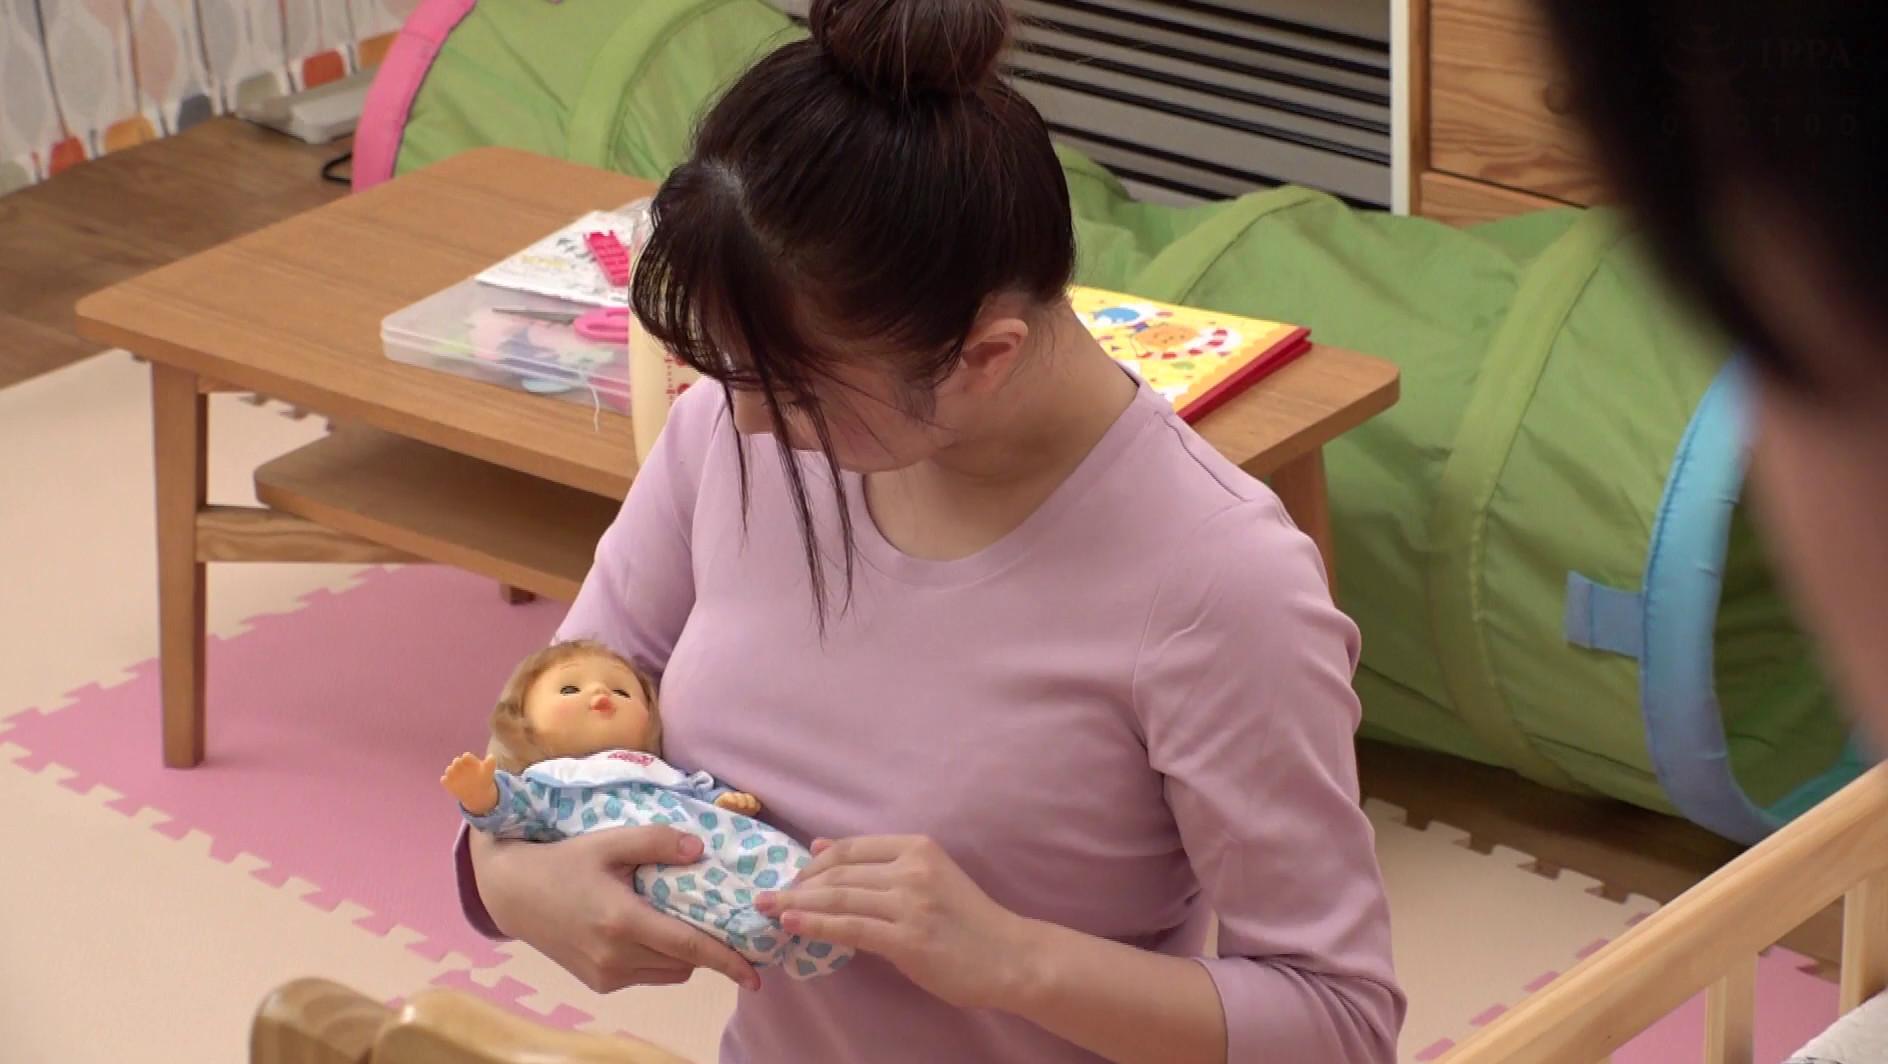 「私も子供が欲しい!」保育園で働くデカ乳保母さんが同僚の男に悩みを相談!妊娠願望強すぎて母性溢れるオッパイでまさかの授乳手コキ!萎え知らずの若いチ●ポを自ら挿入しデカ乳激揺れさせながら何度も中出し懇願! 4 画像14